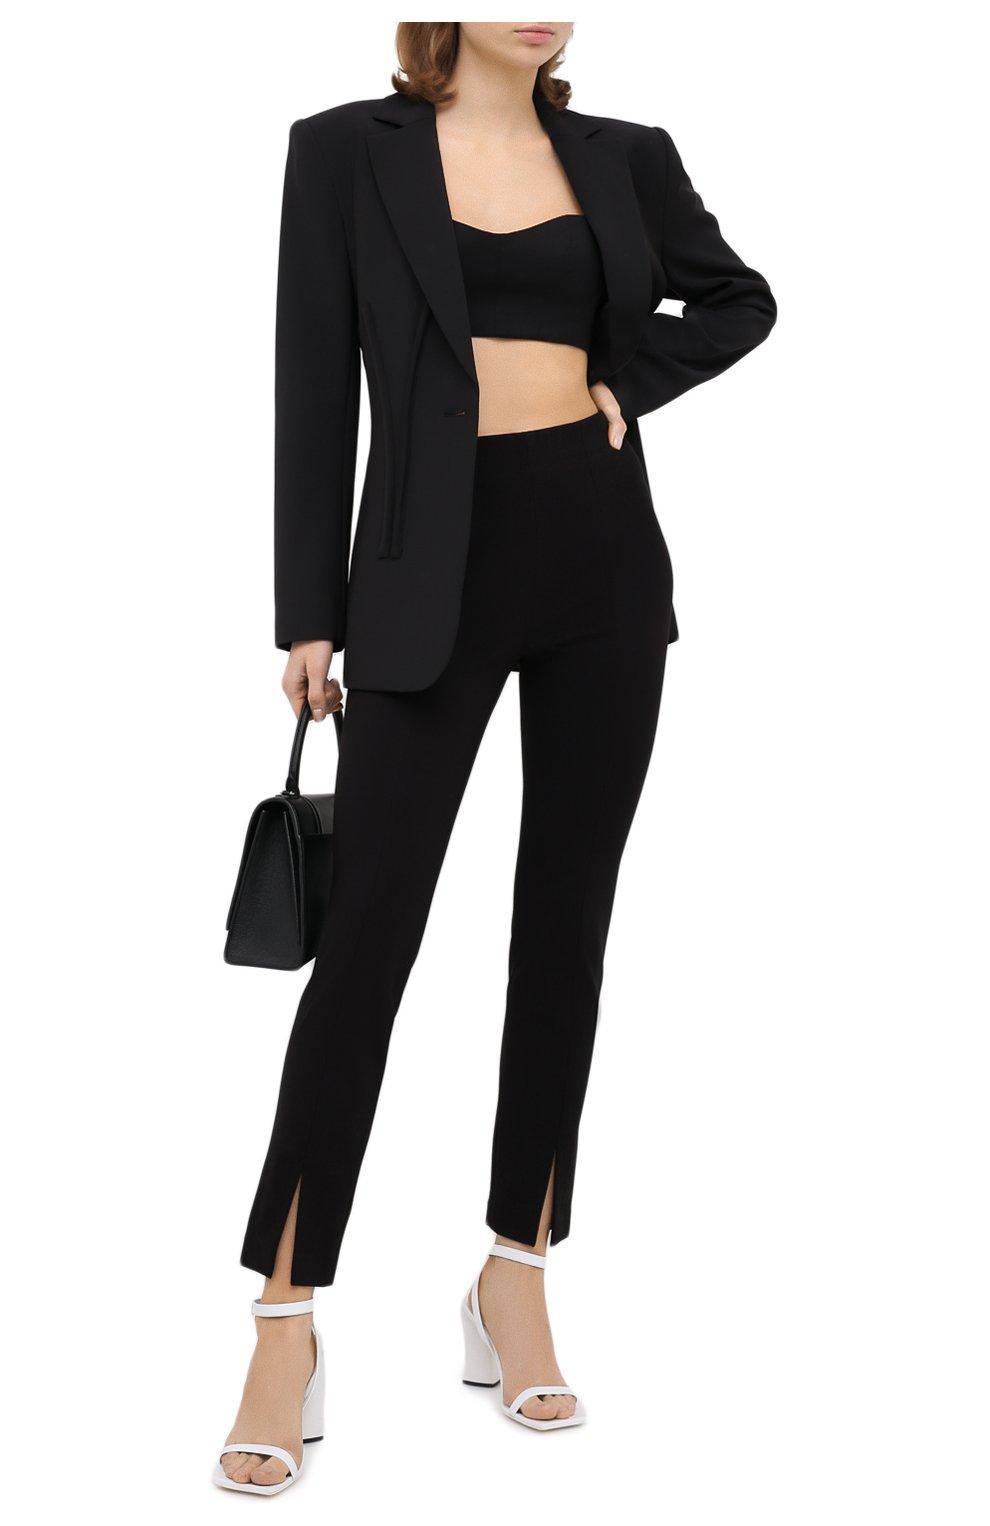 Женские брюки TIBI черного цвета, арт. P220BS3170   Фото 2 (Длина (брюки, джинсы): Стандартные; Женское Кросс-КТ: Брюки-одежда; Материал внешний: Синтетический материал, Вискоза; Силуэт Ж (брюки и джинсы): Прямые; Стили: Минимализм)